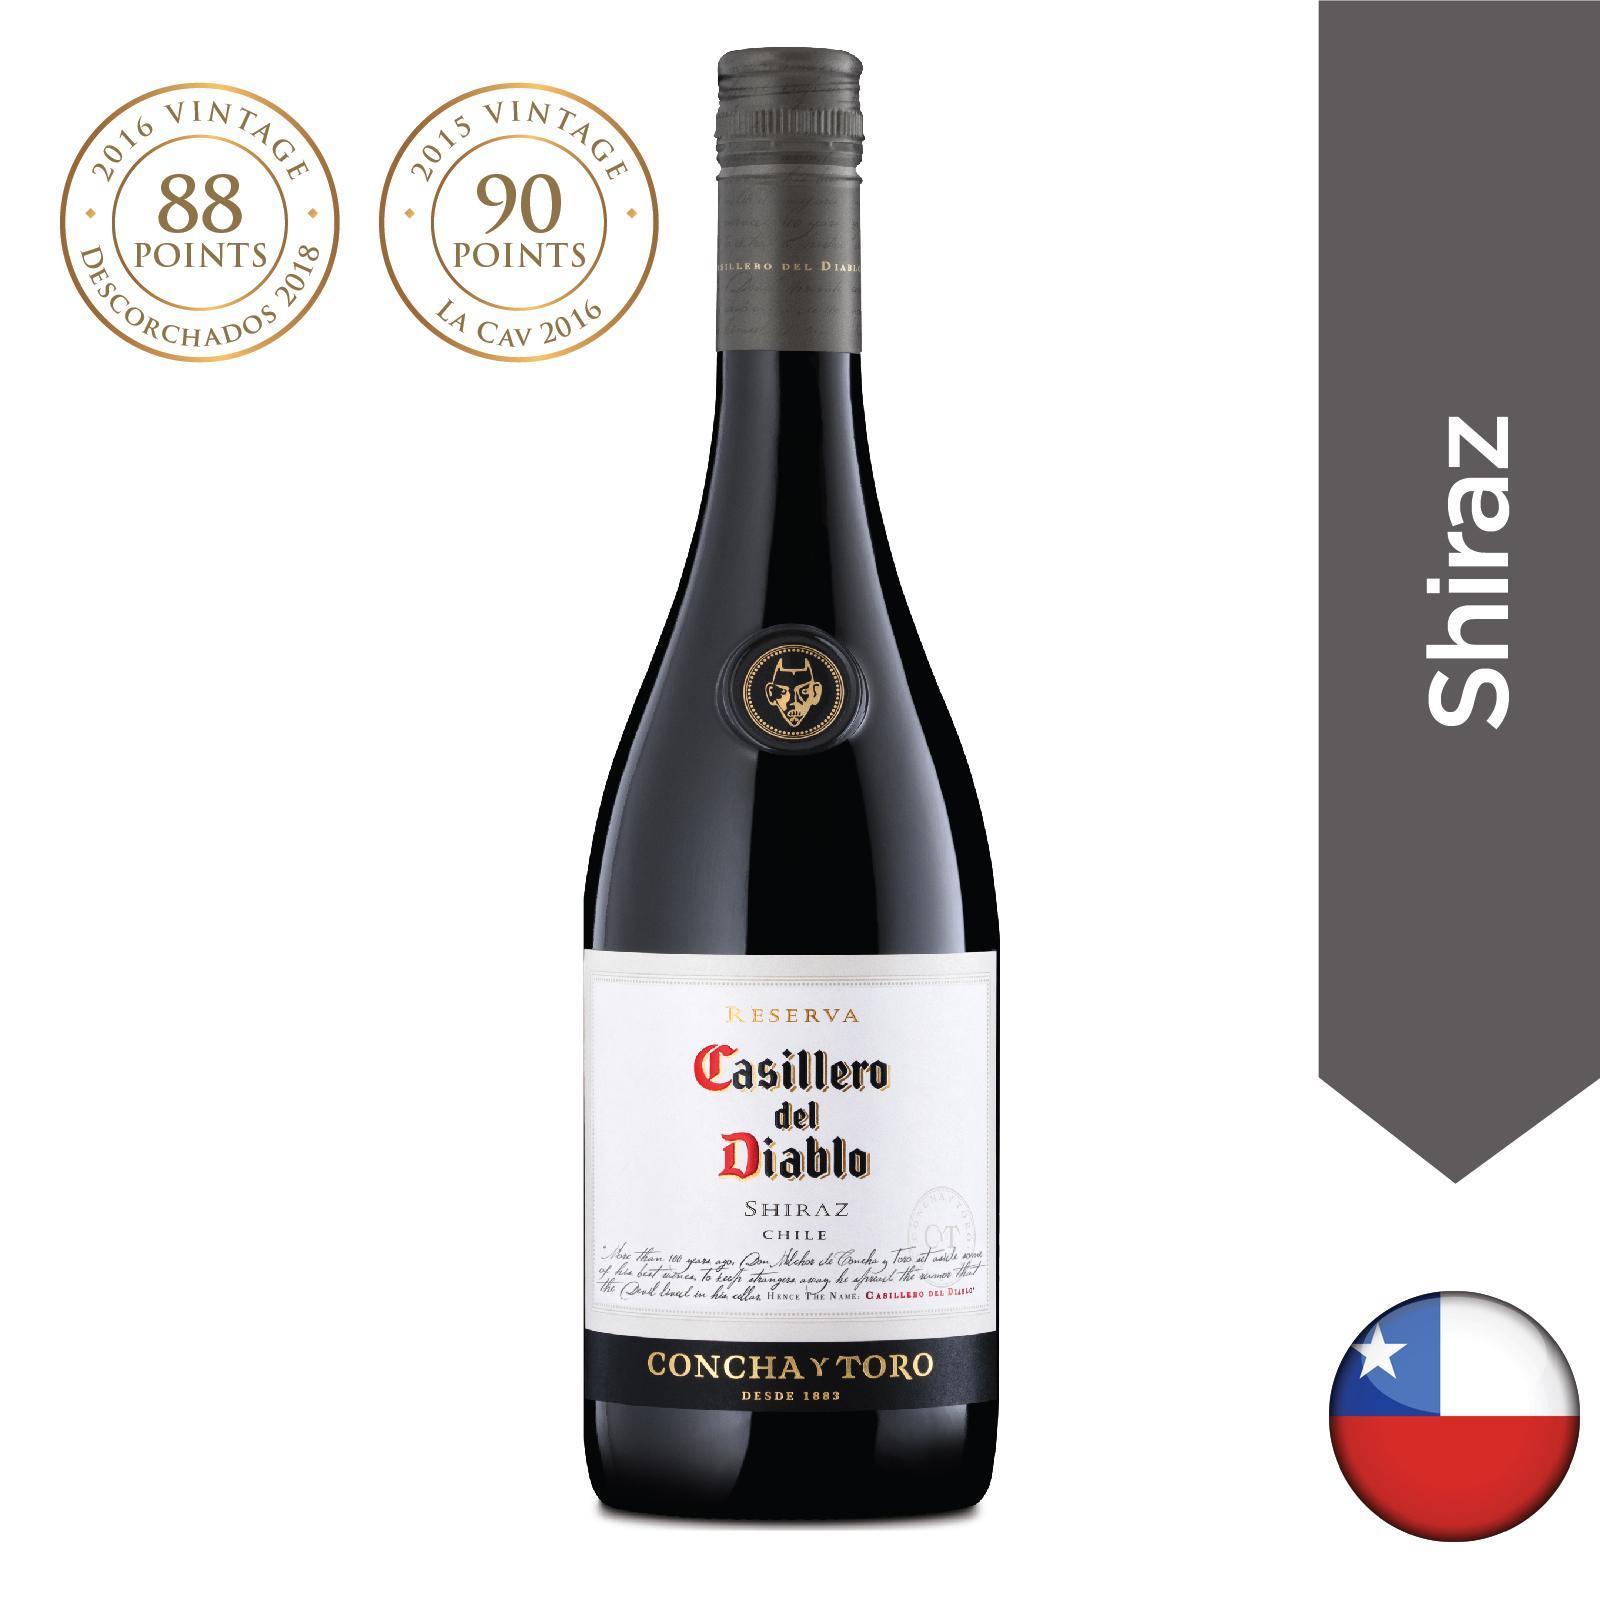 Casillero Del Diablo Reserva Red Wine - Shiraz